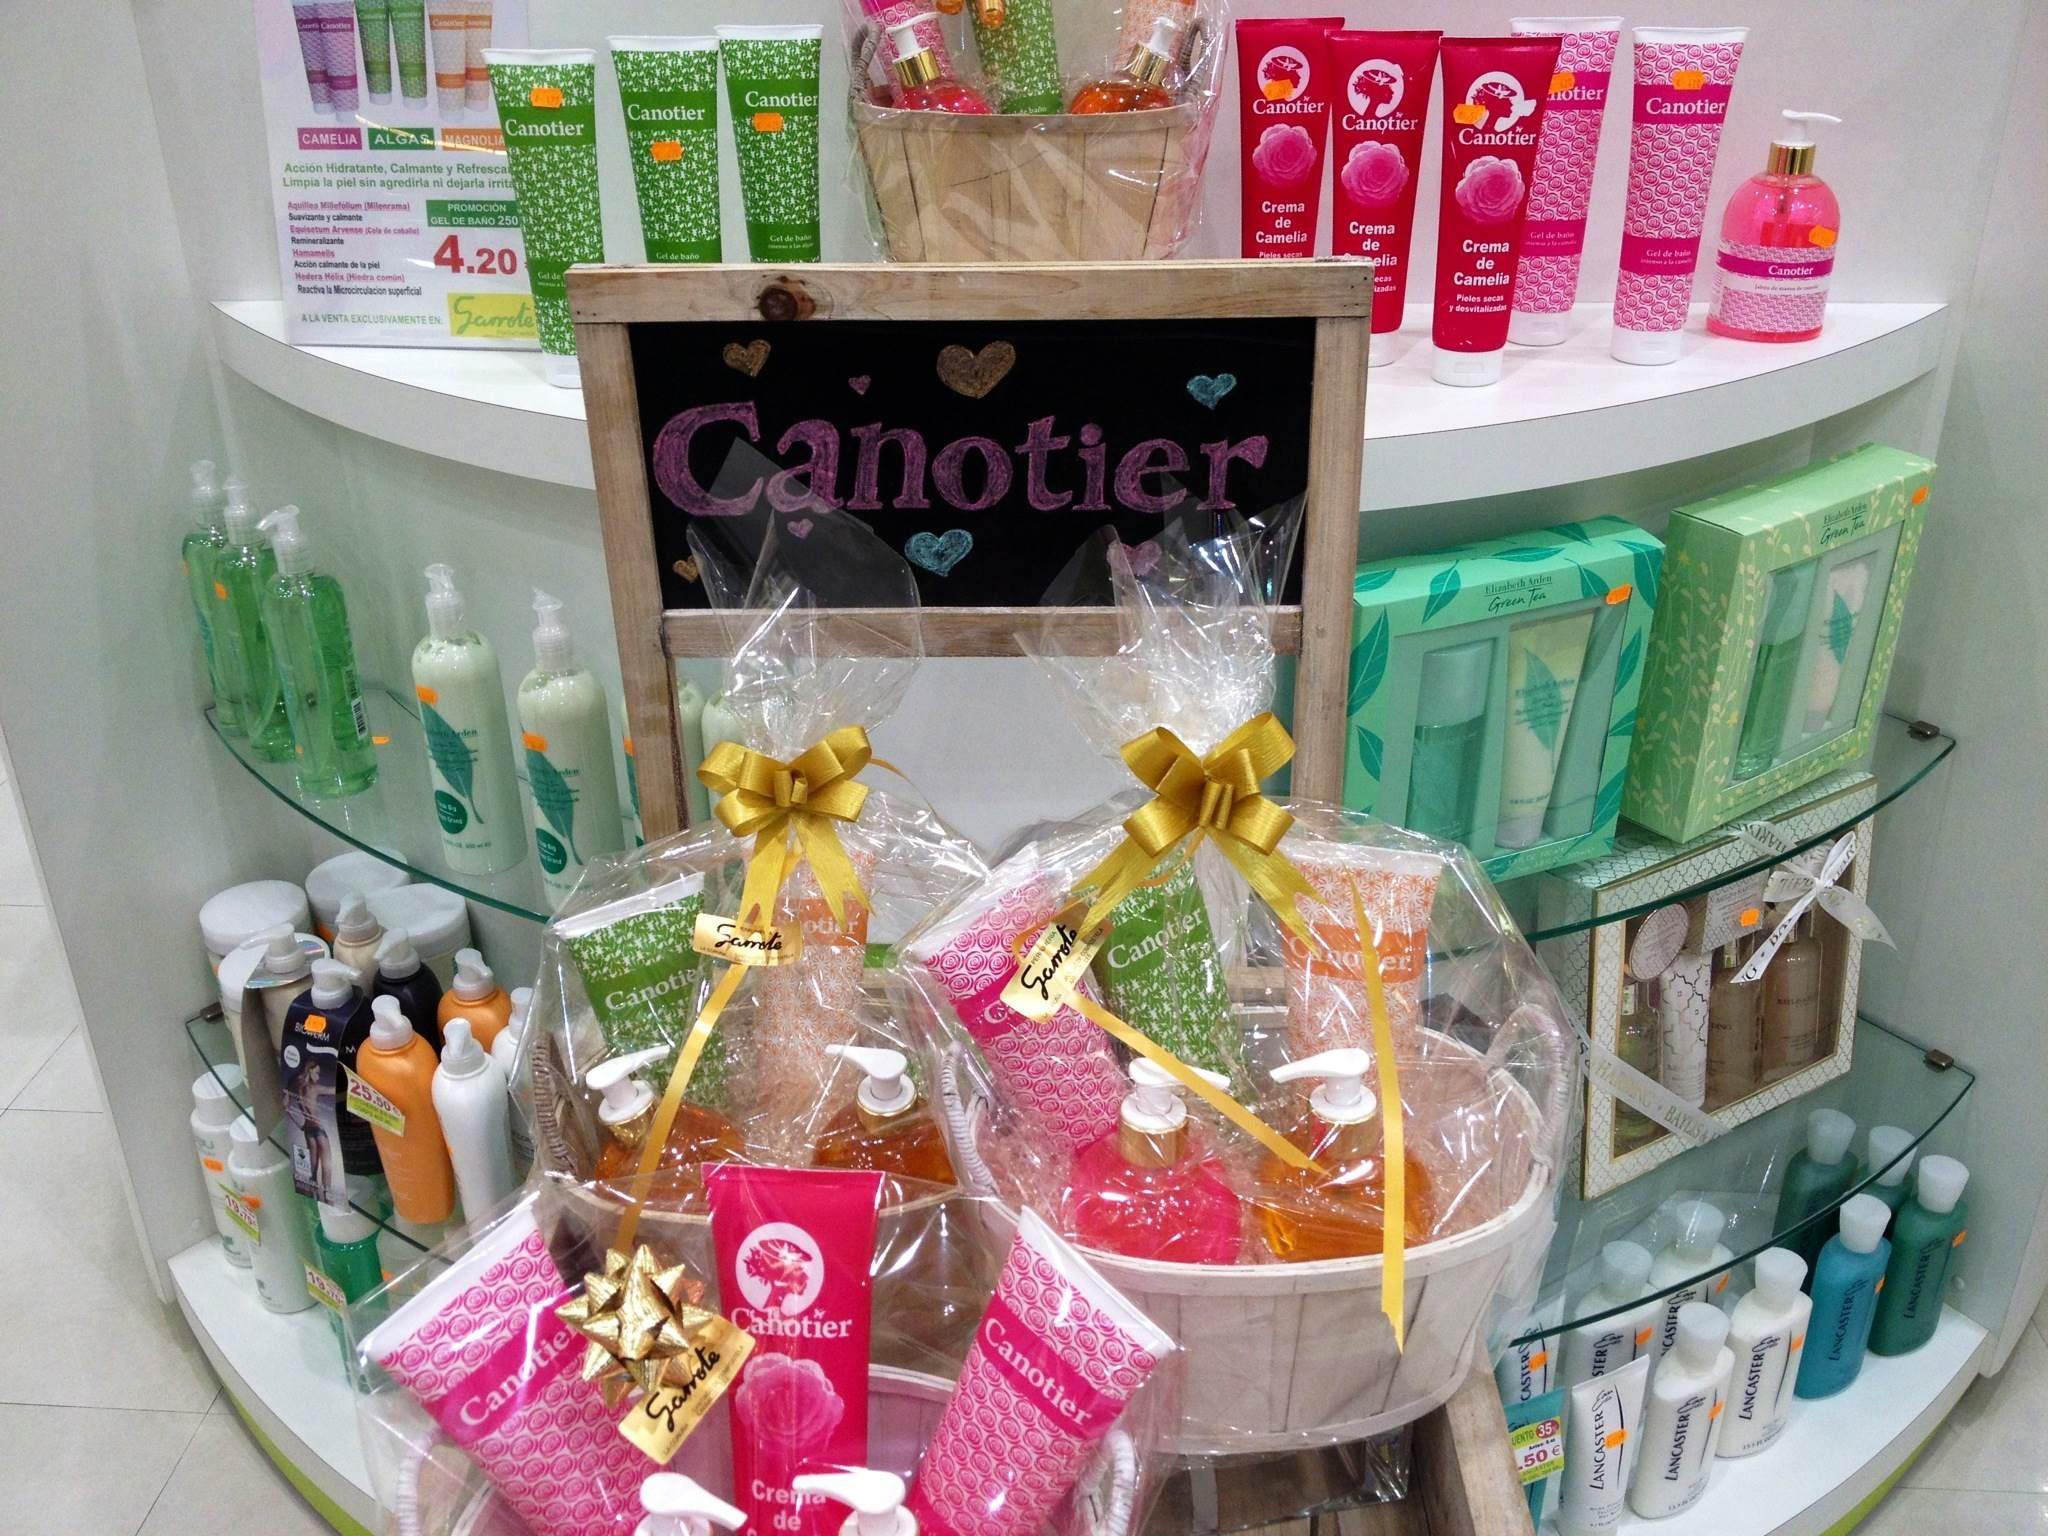 Perfumería Garrote en el Centro Comercial de Marineda City en A Coruña